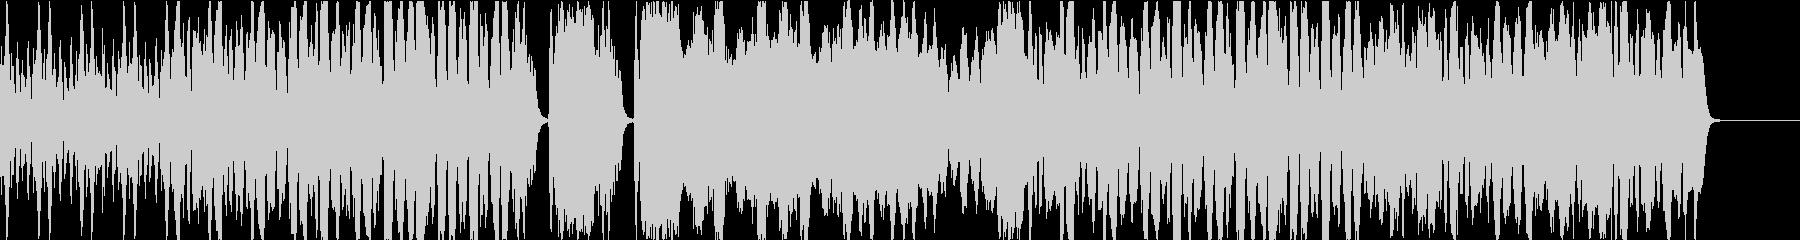 弦楽四重奏の軽快でコミカルなBGMの未再生の波形